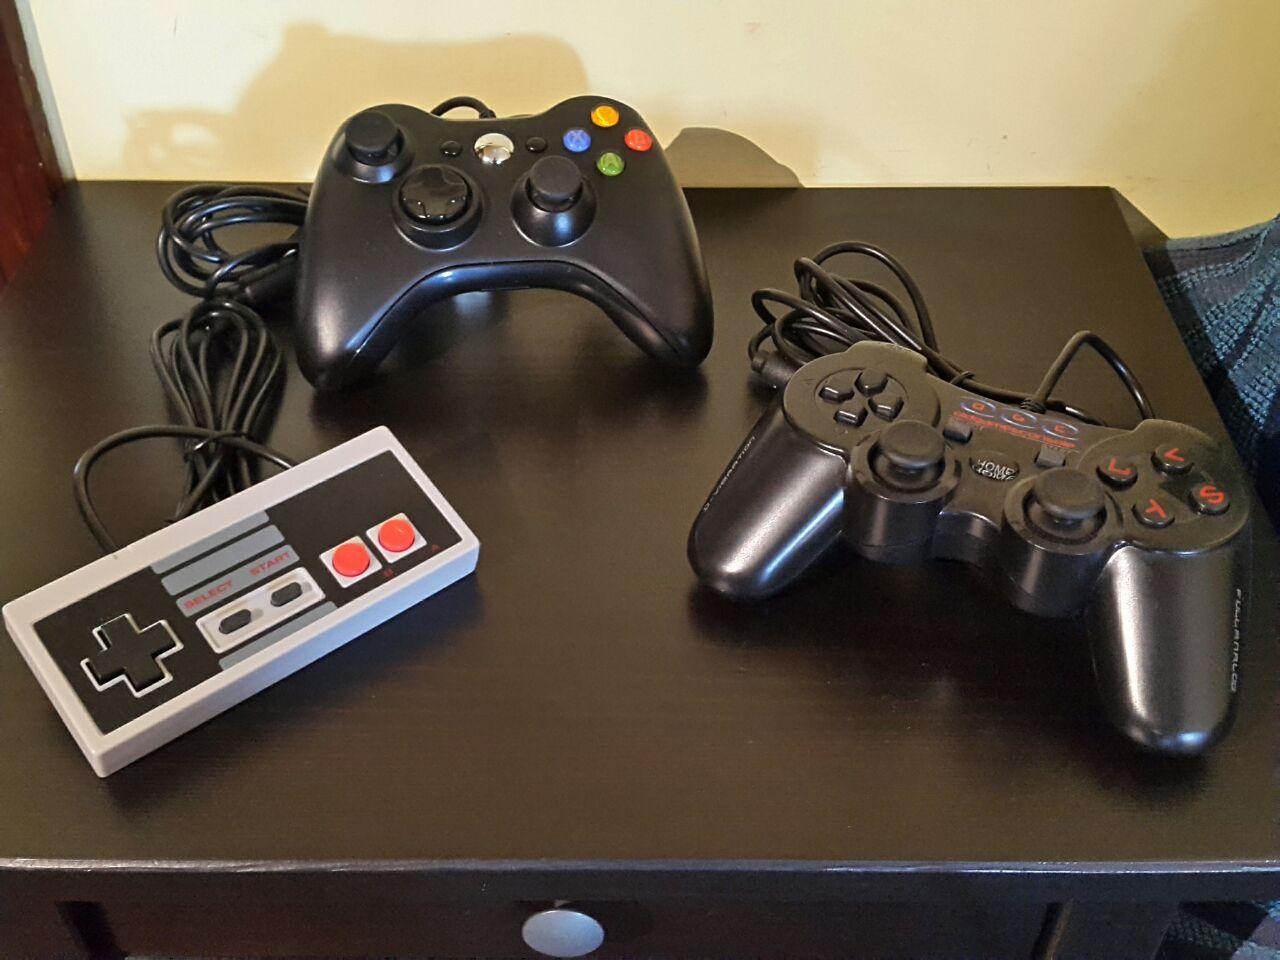 mini console da gioco retr/ò a 8 bit 4 tasti classica console videogiochi 2 controller per giochi palmari uscita AV 620 Console di gioco retr/ò